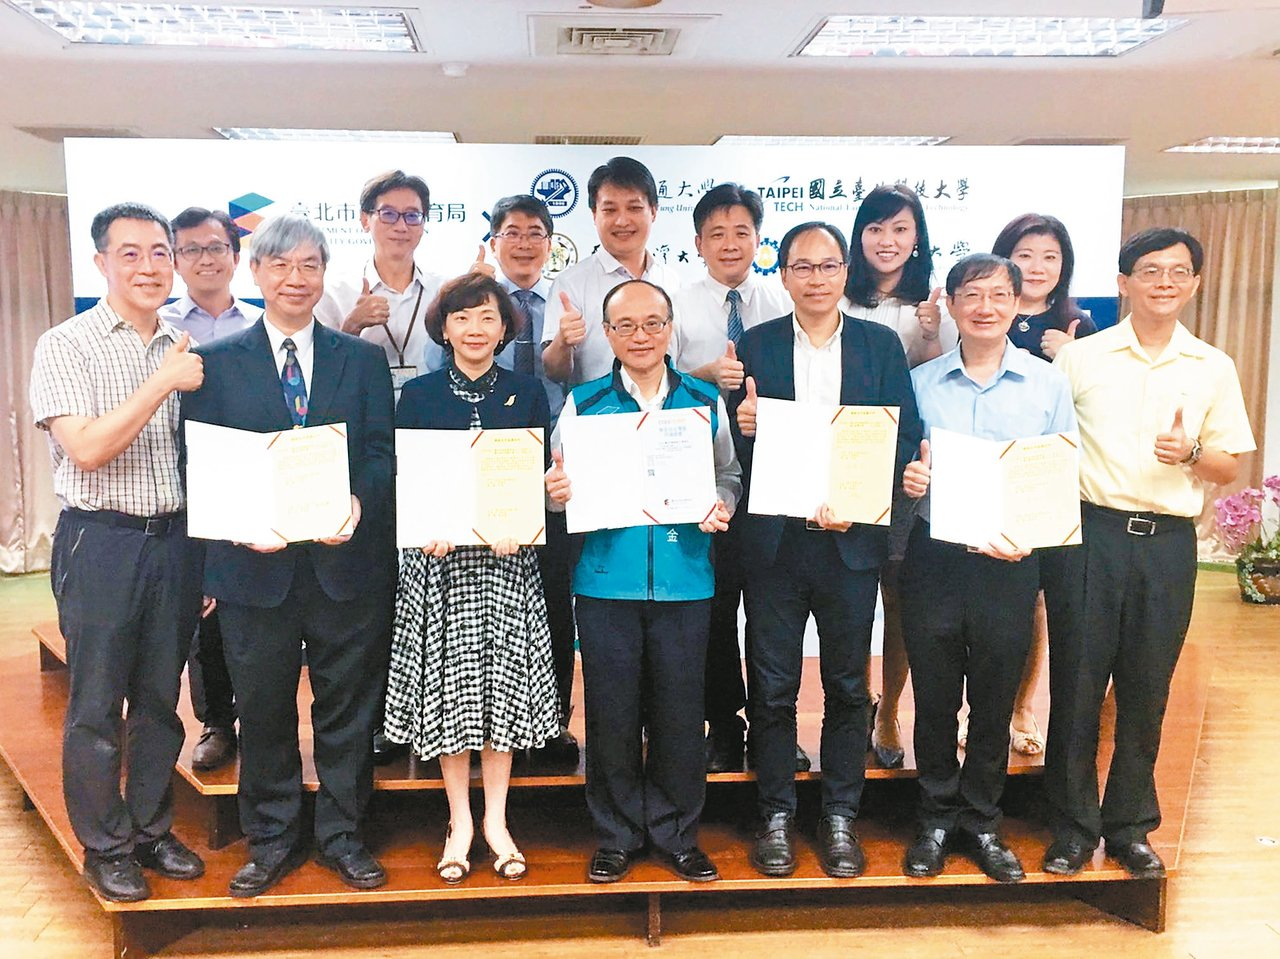 台北酷課雲與4所大學合作,提供18門線上課程。 圖/聯合報系資料照片